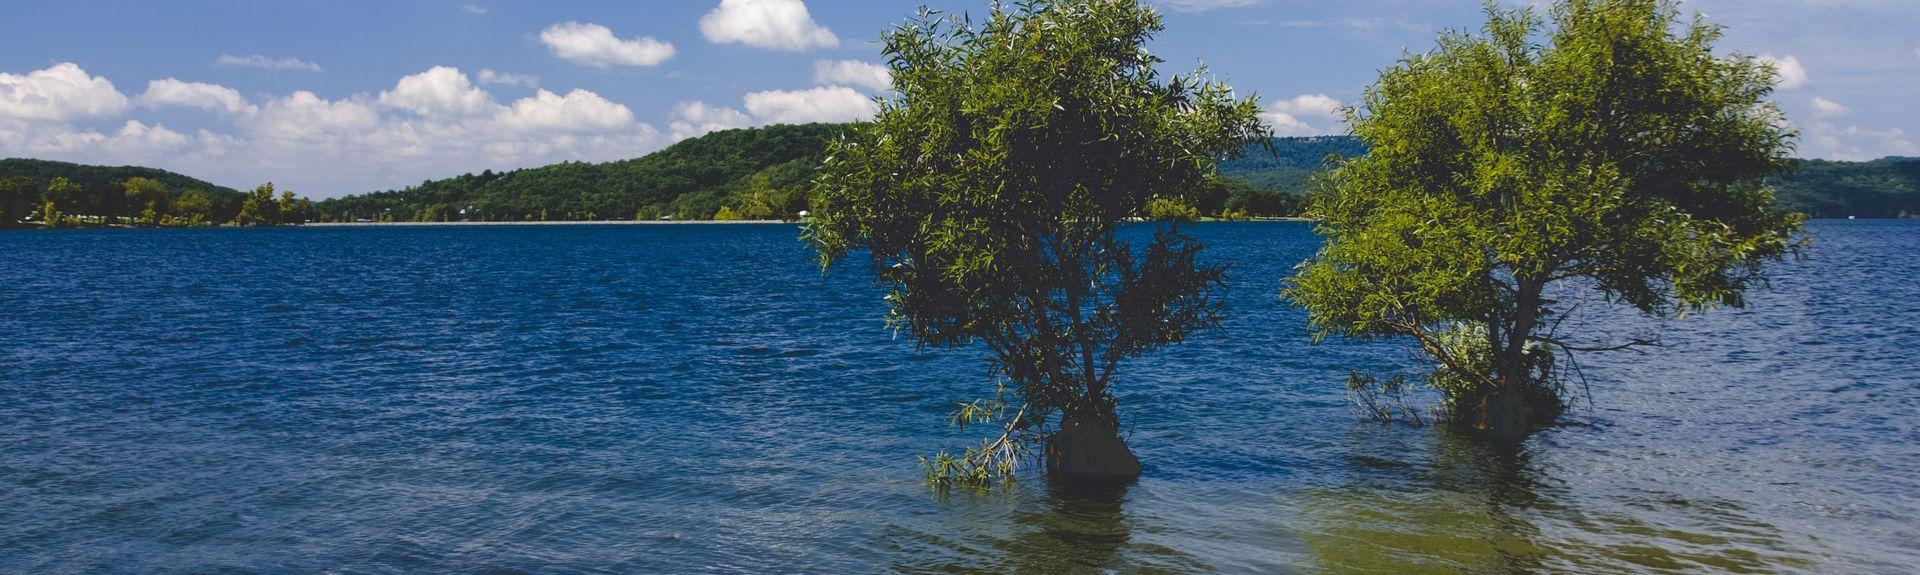 Beaver Lake, AR, USA